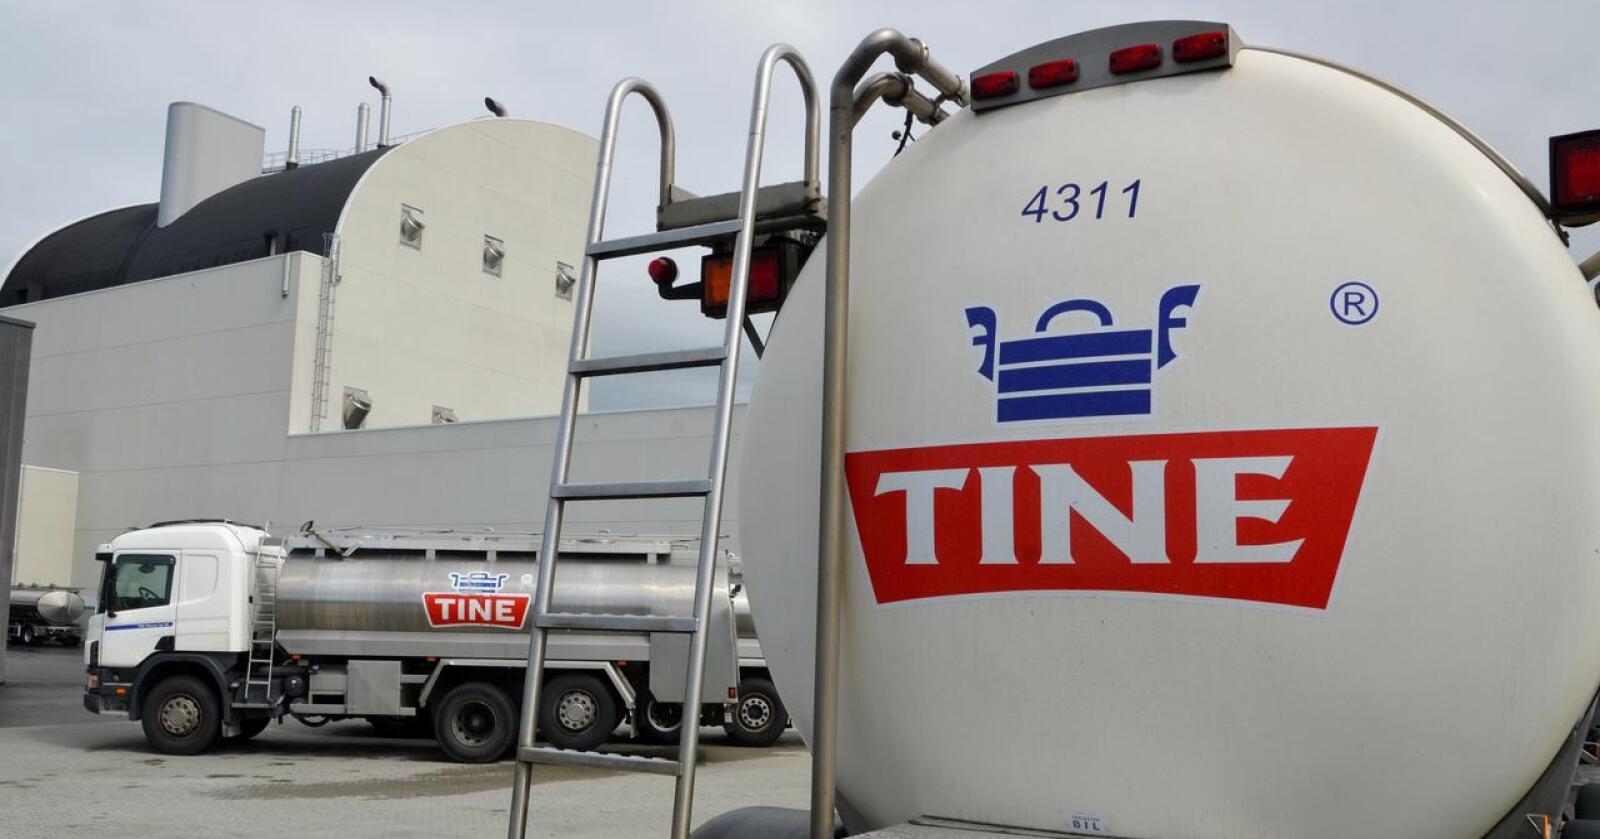 Over 113 millioner liter norsk melk ble solgt i første kvartal 2021. (Arkivfoto)